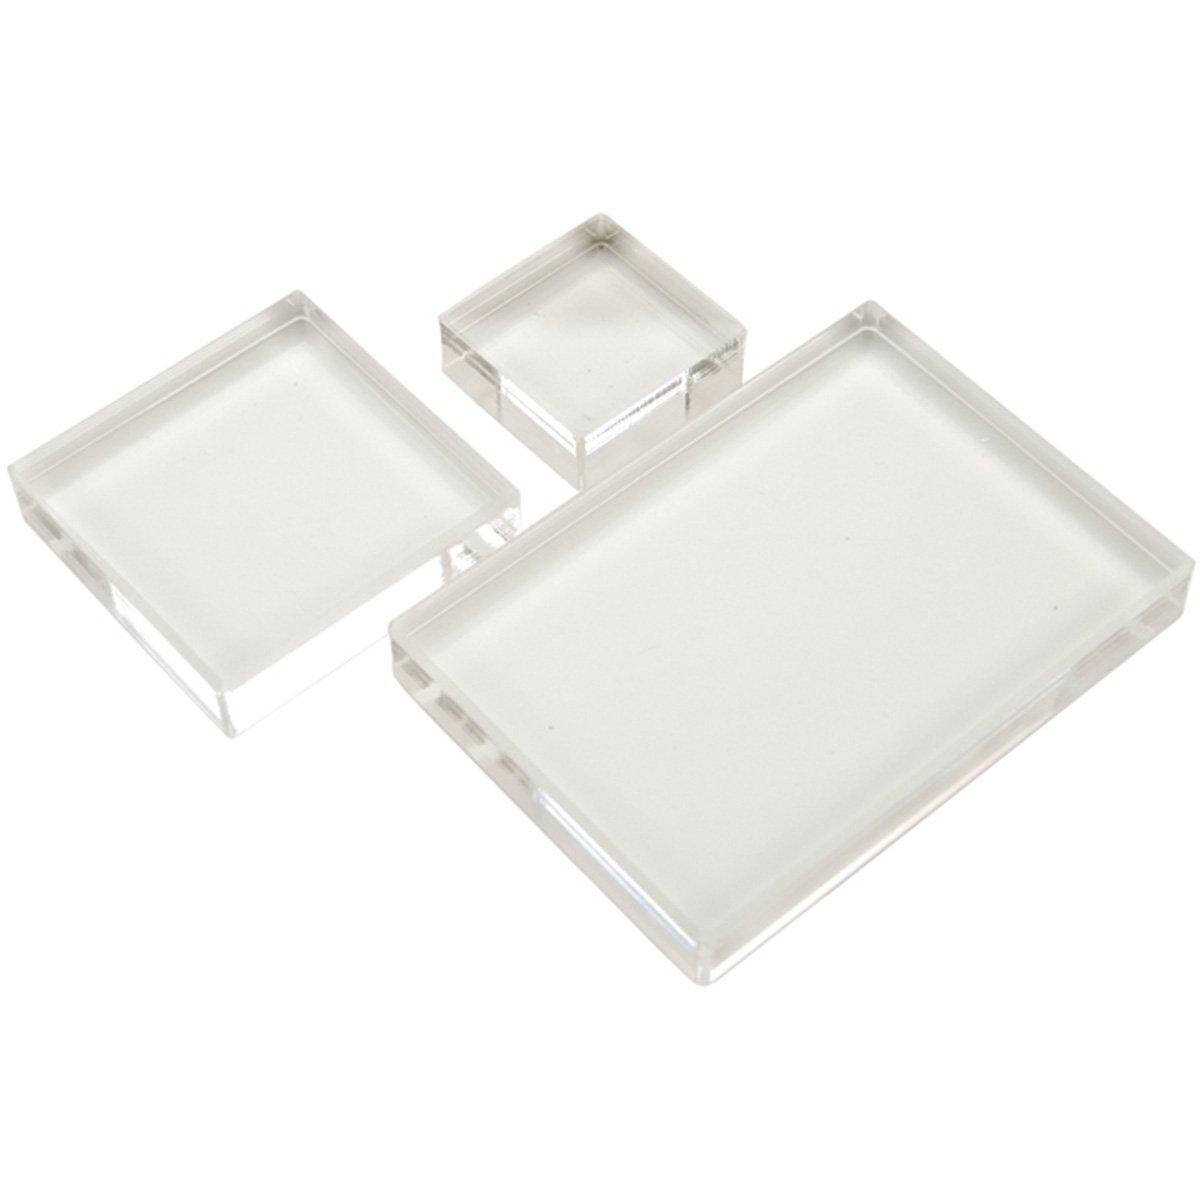 Apple Pie Memories KITAH006 - Basi per timbri acrilici, confezione da 3, colore: Trasparente 350552